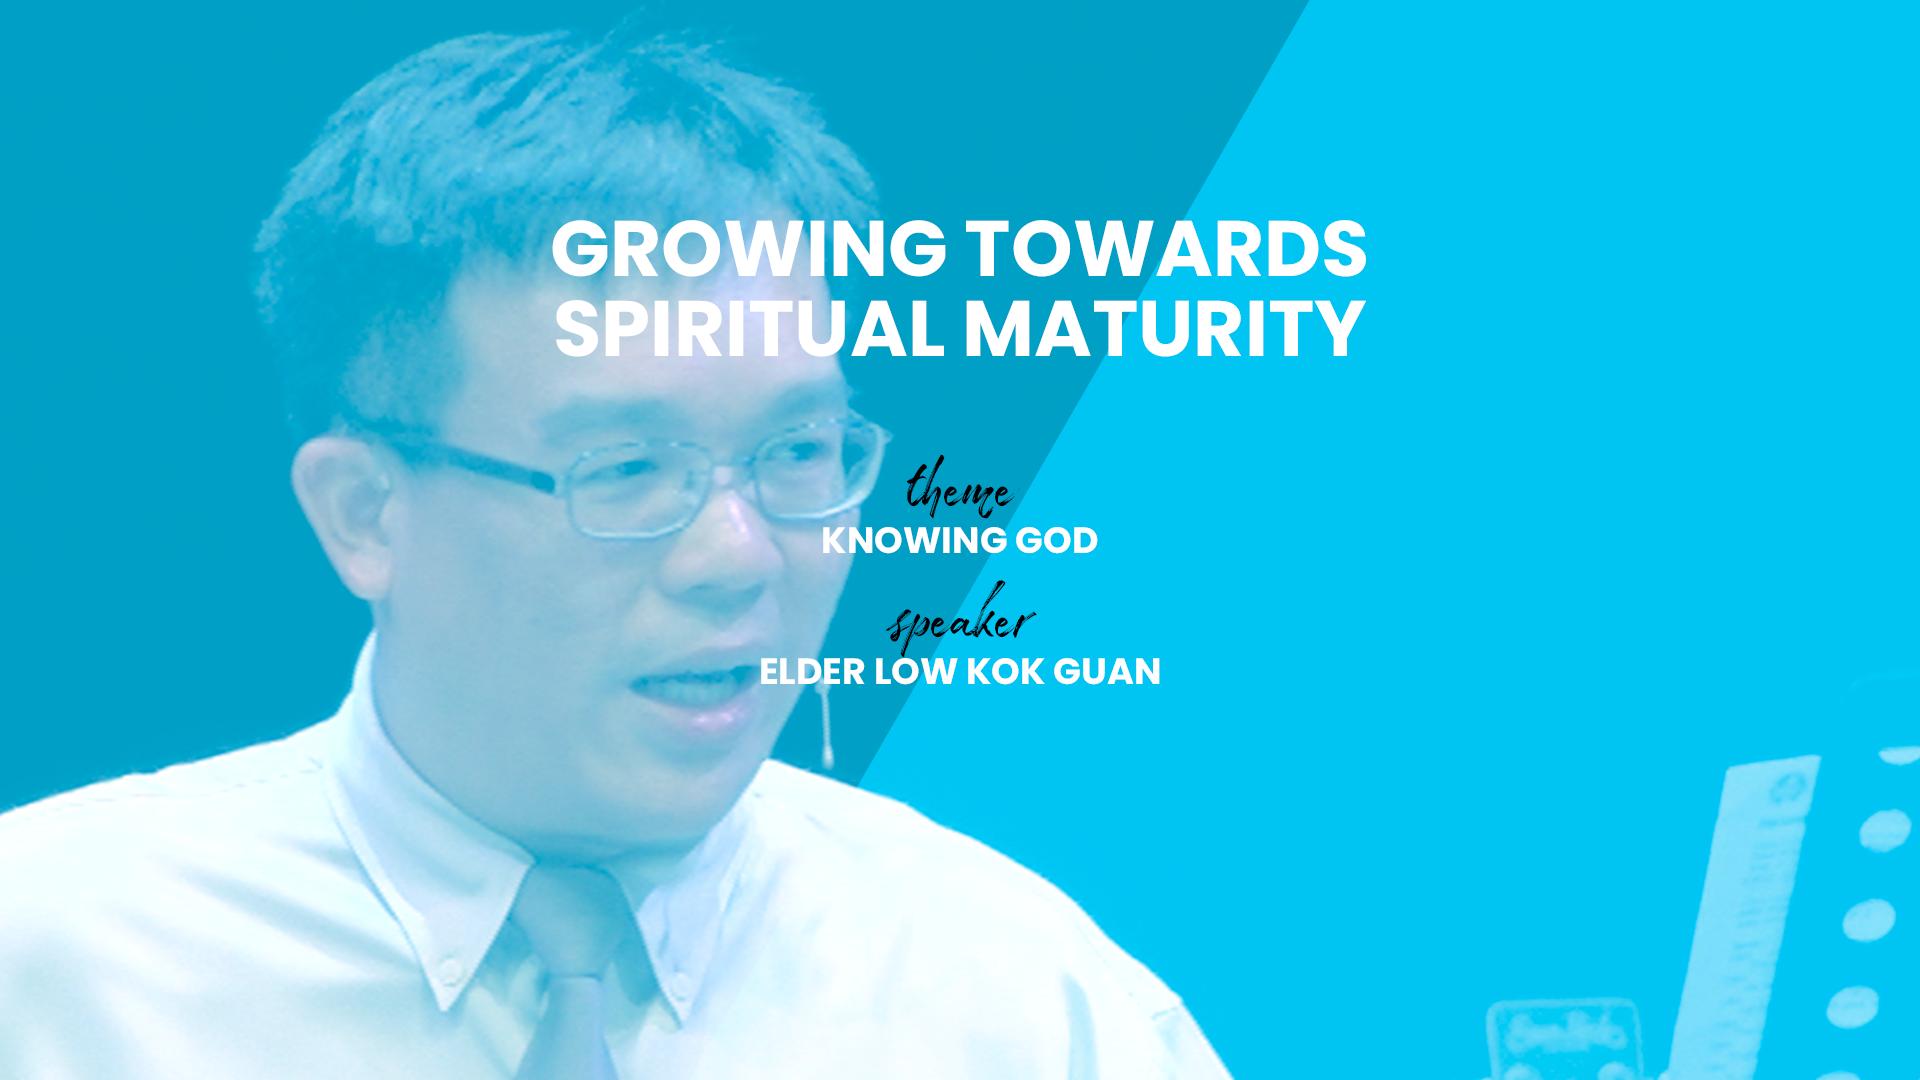 Growing Towards Spiritual Maturity